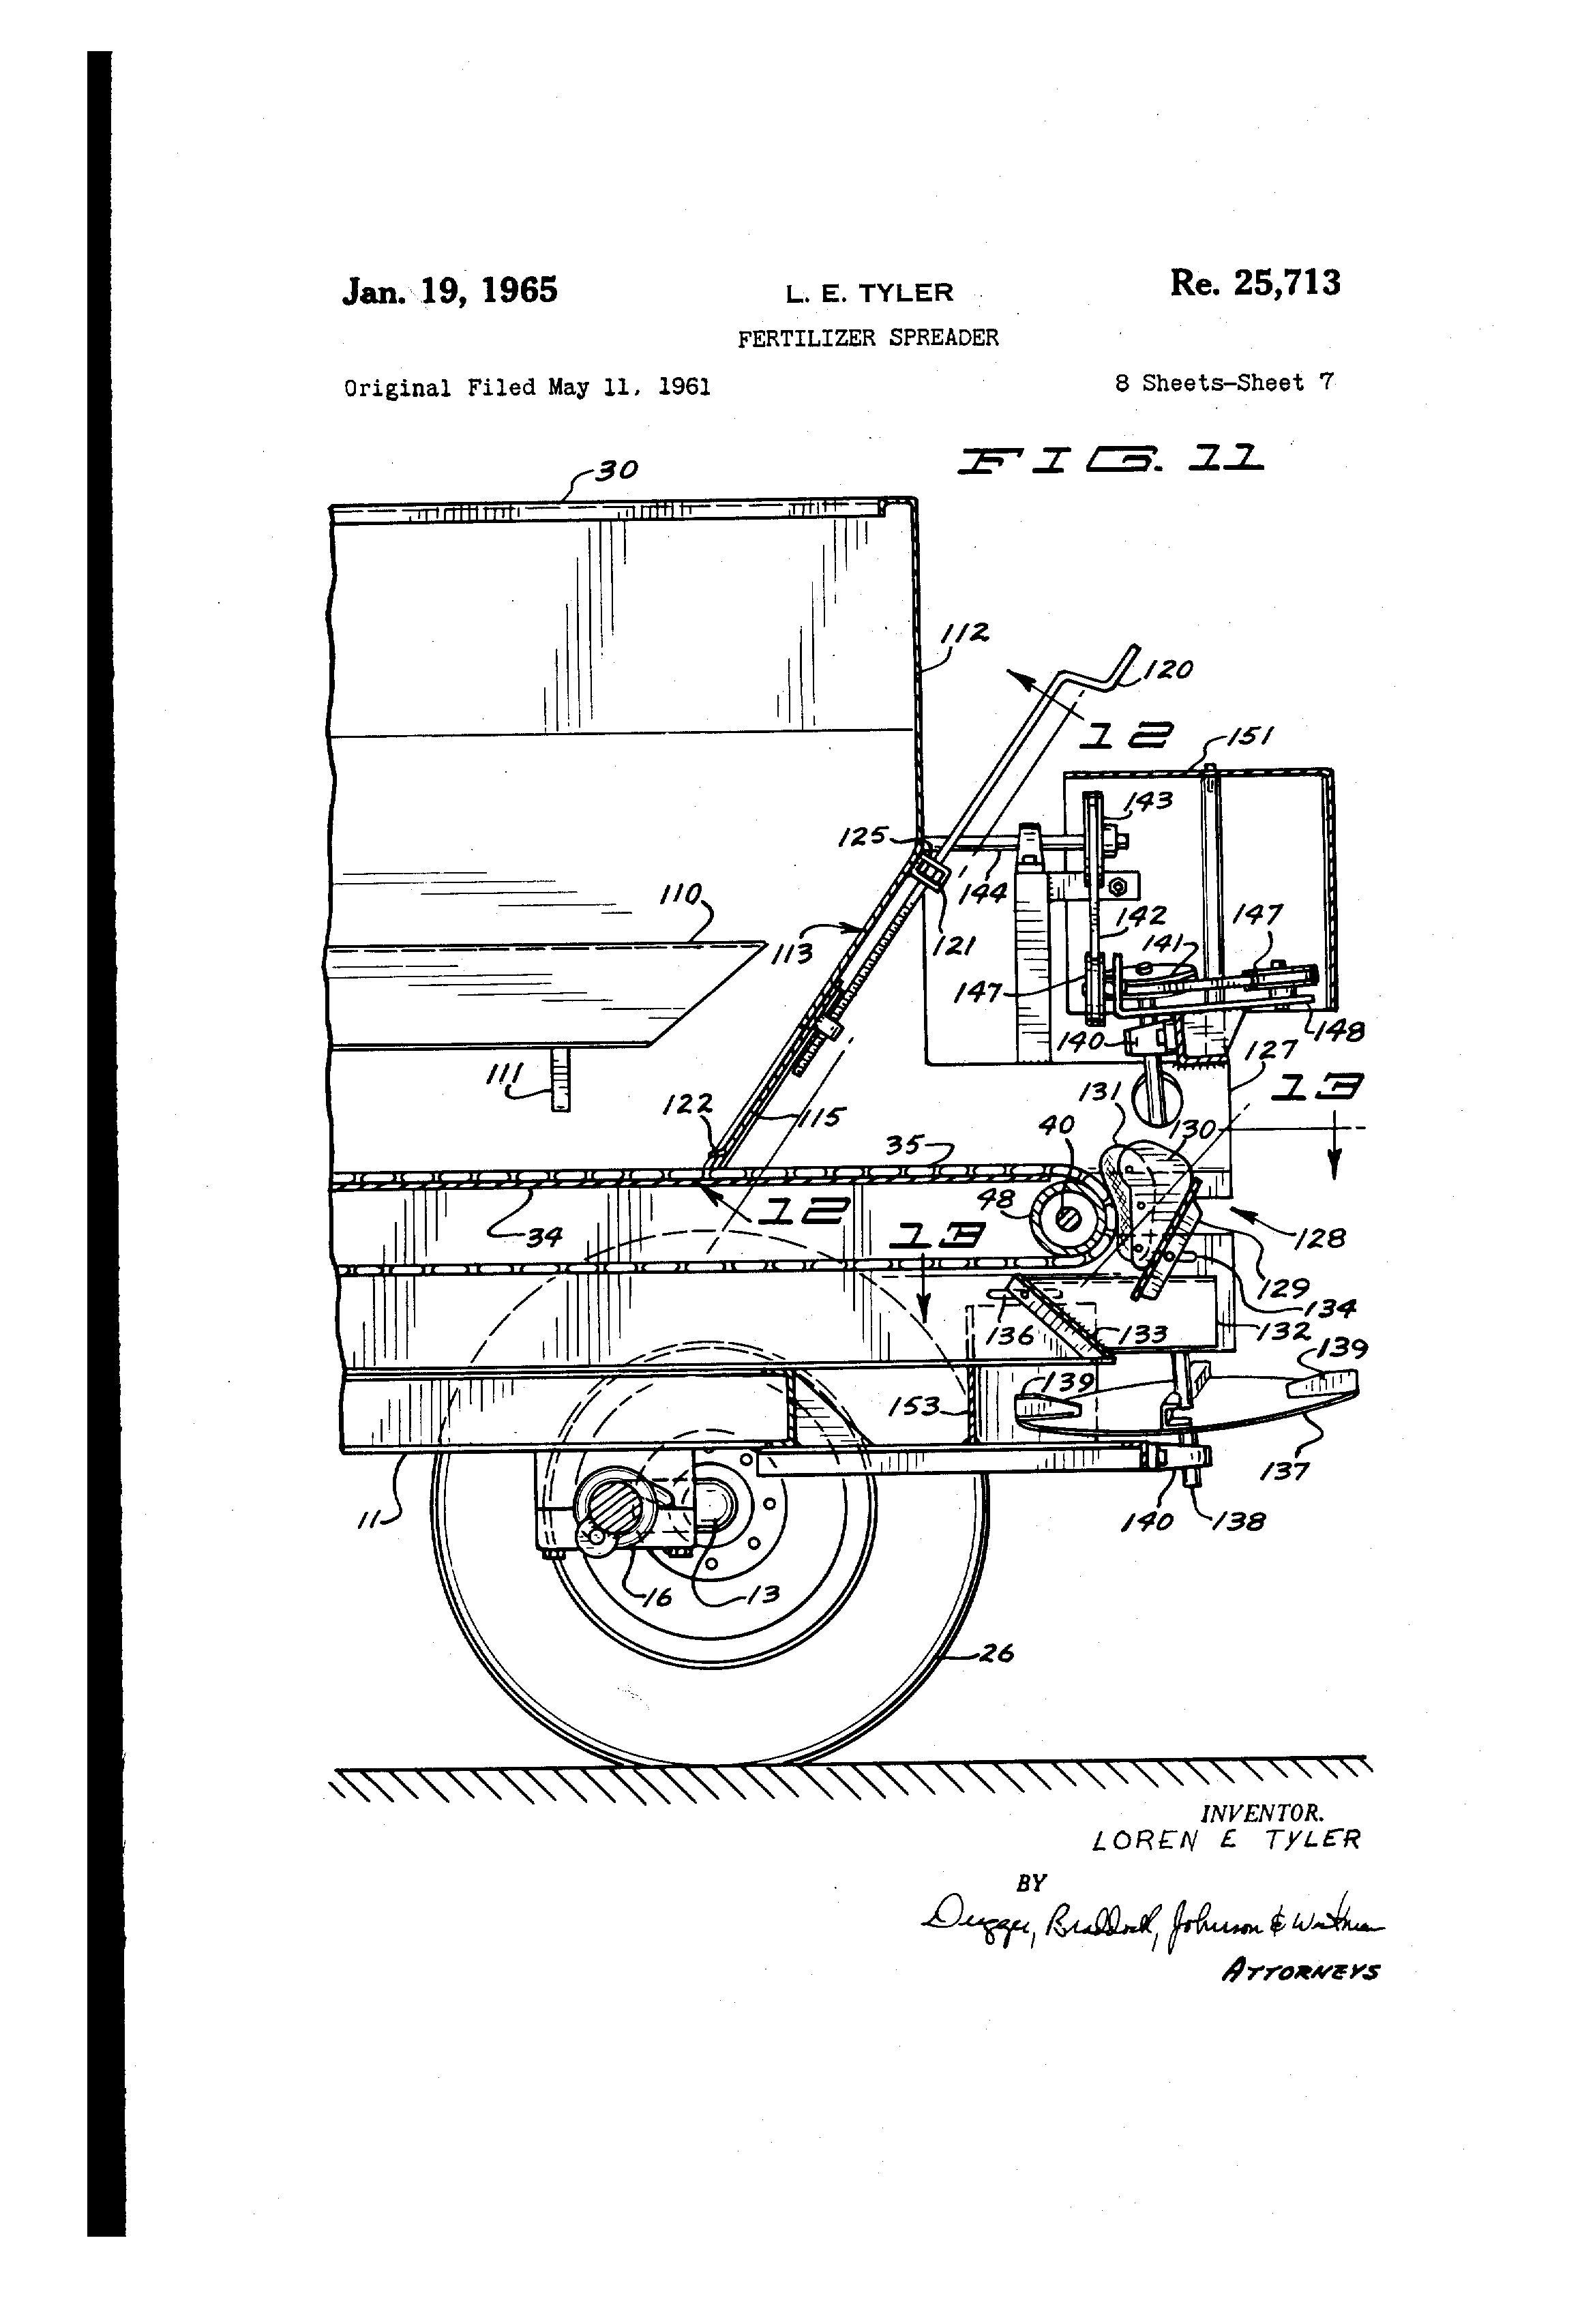 fertilizer spreader parts